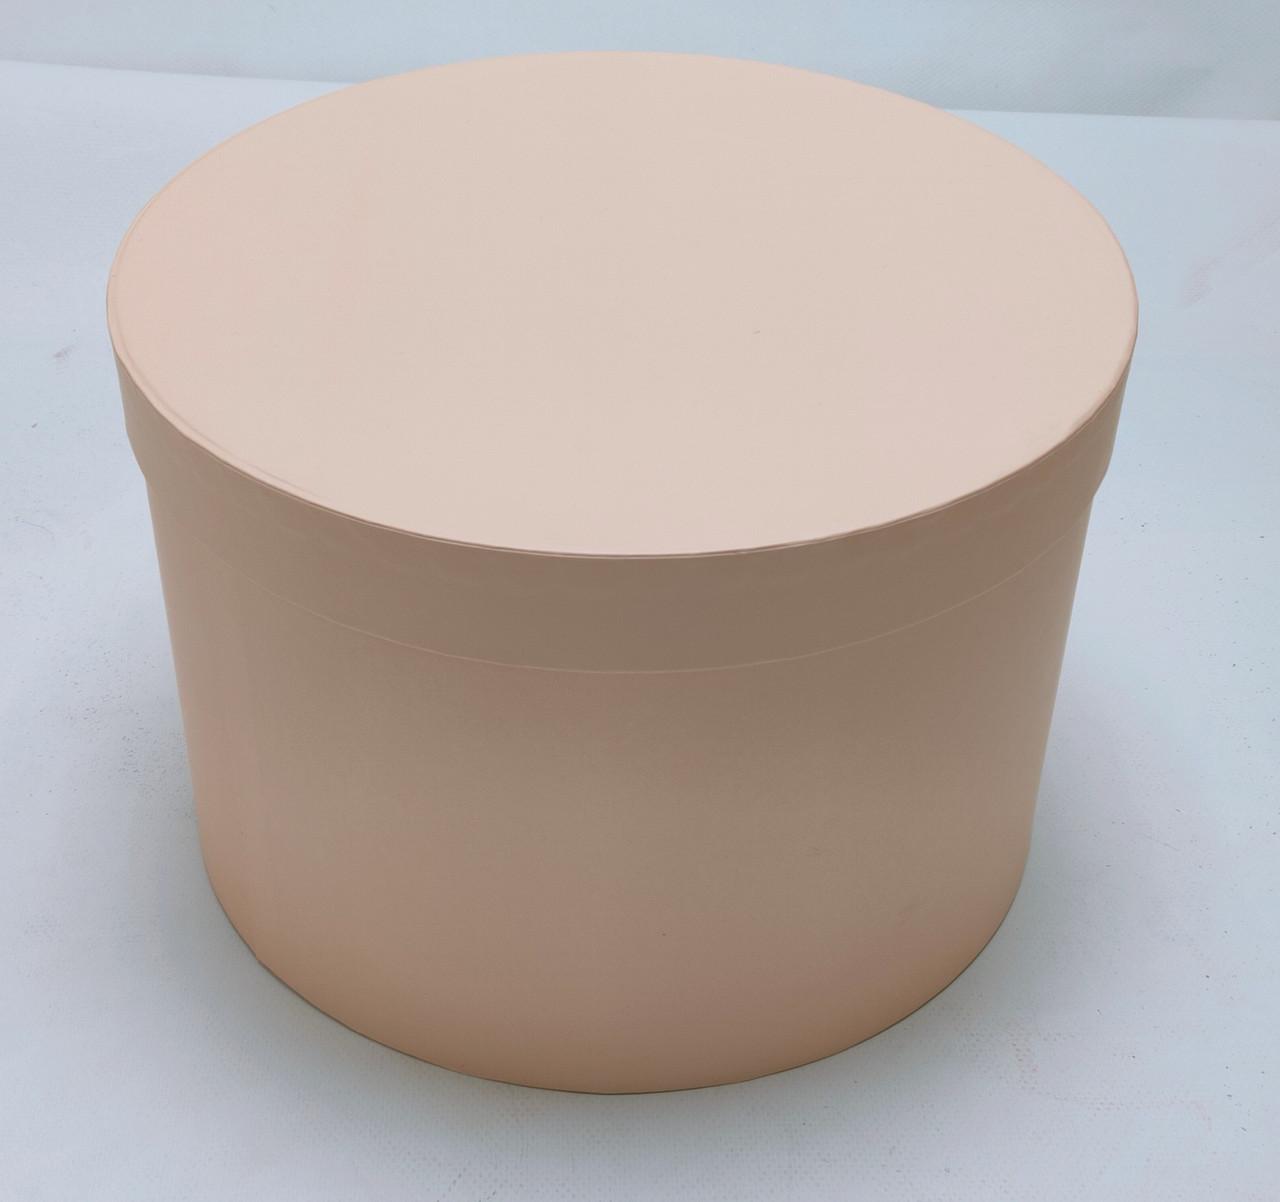 Коробка круглая d28см*h18см персиковая